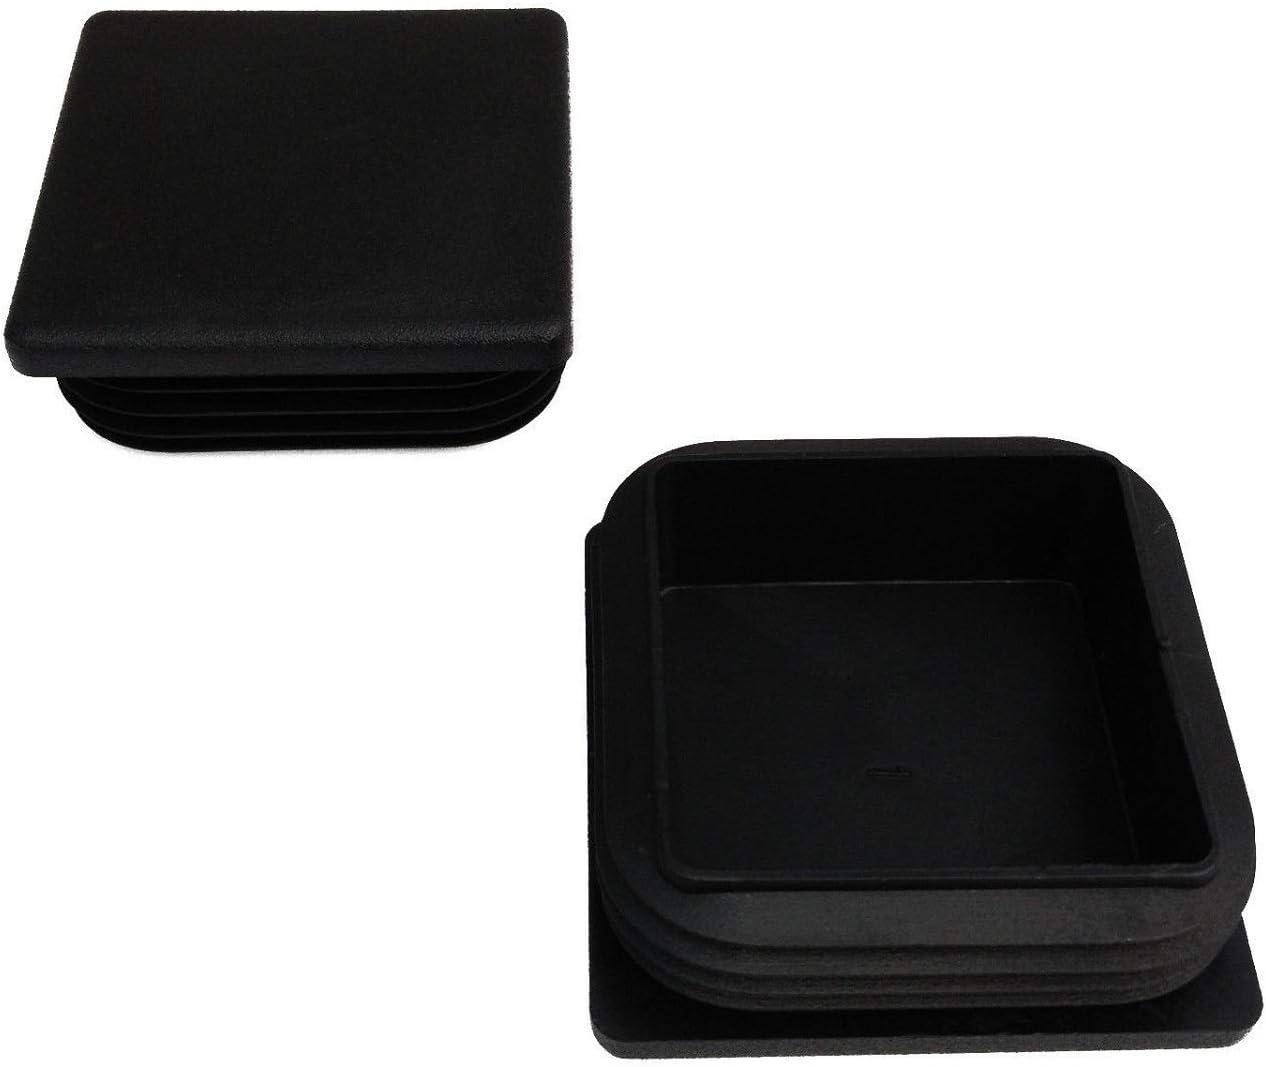 WS 1,5-2,5 mm Quantit/é 10 Bouchon de tuyau carr/é en noir VK 40 x 40 mm